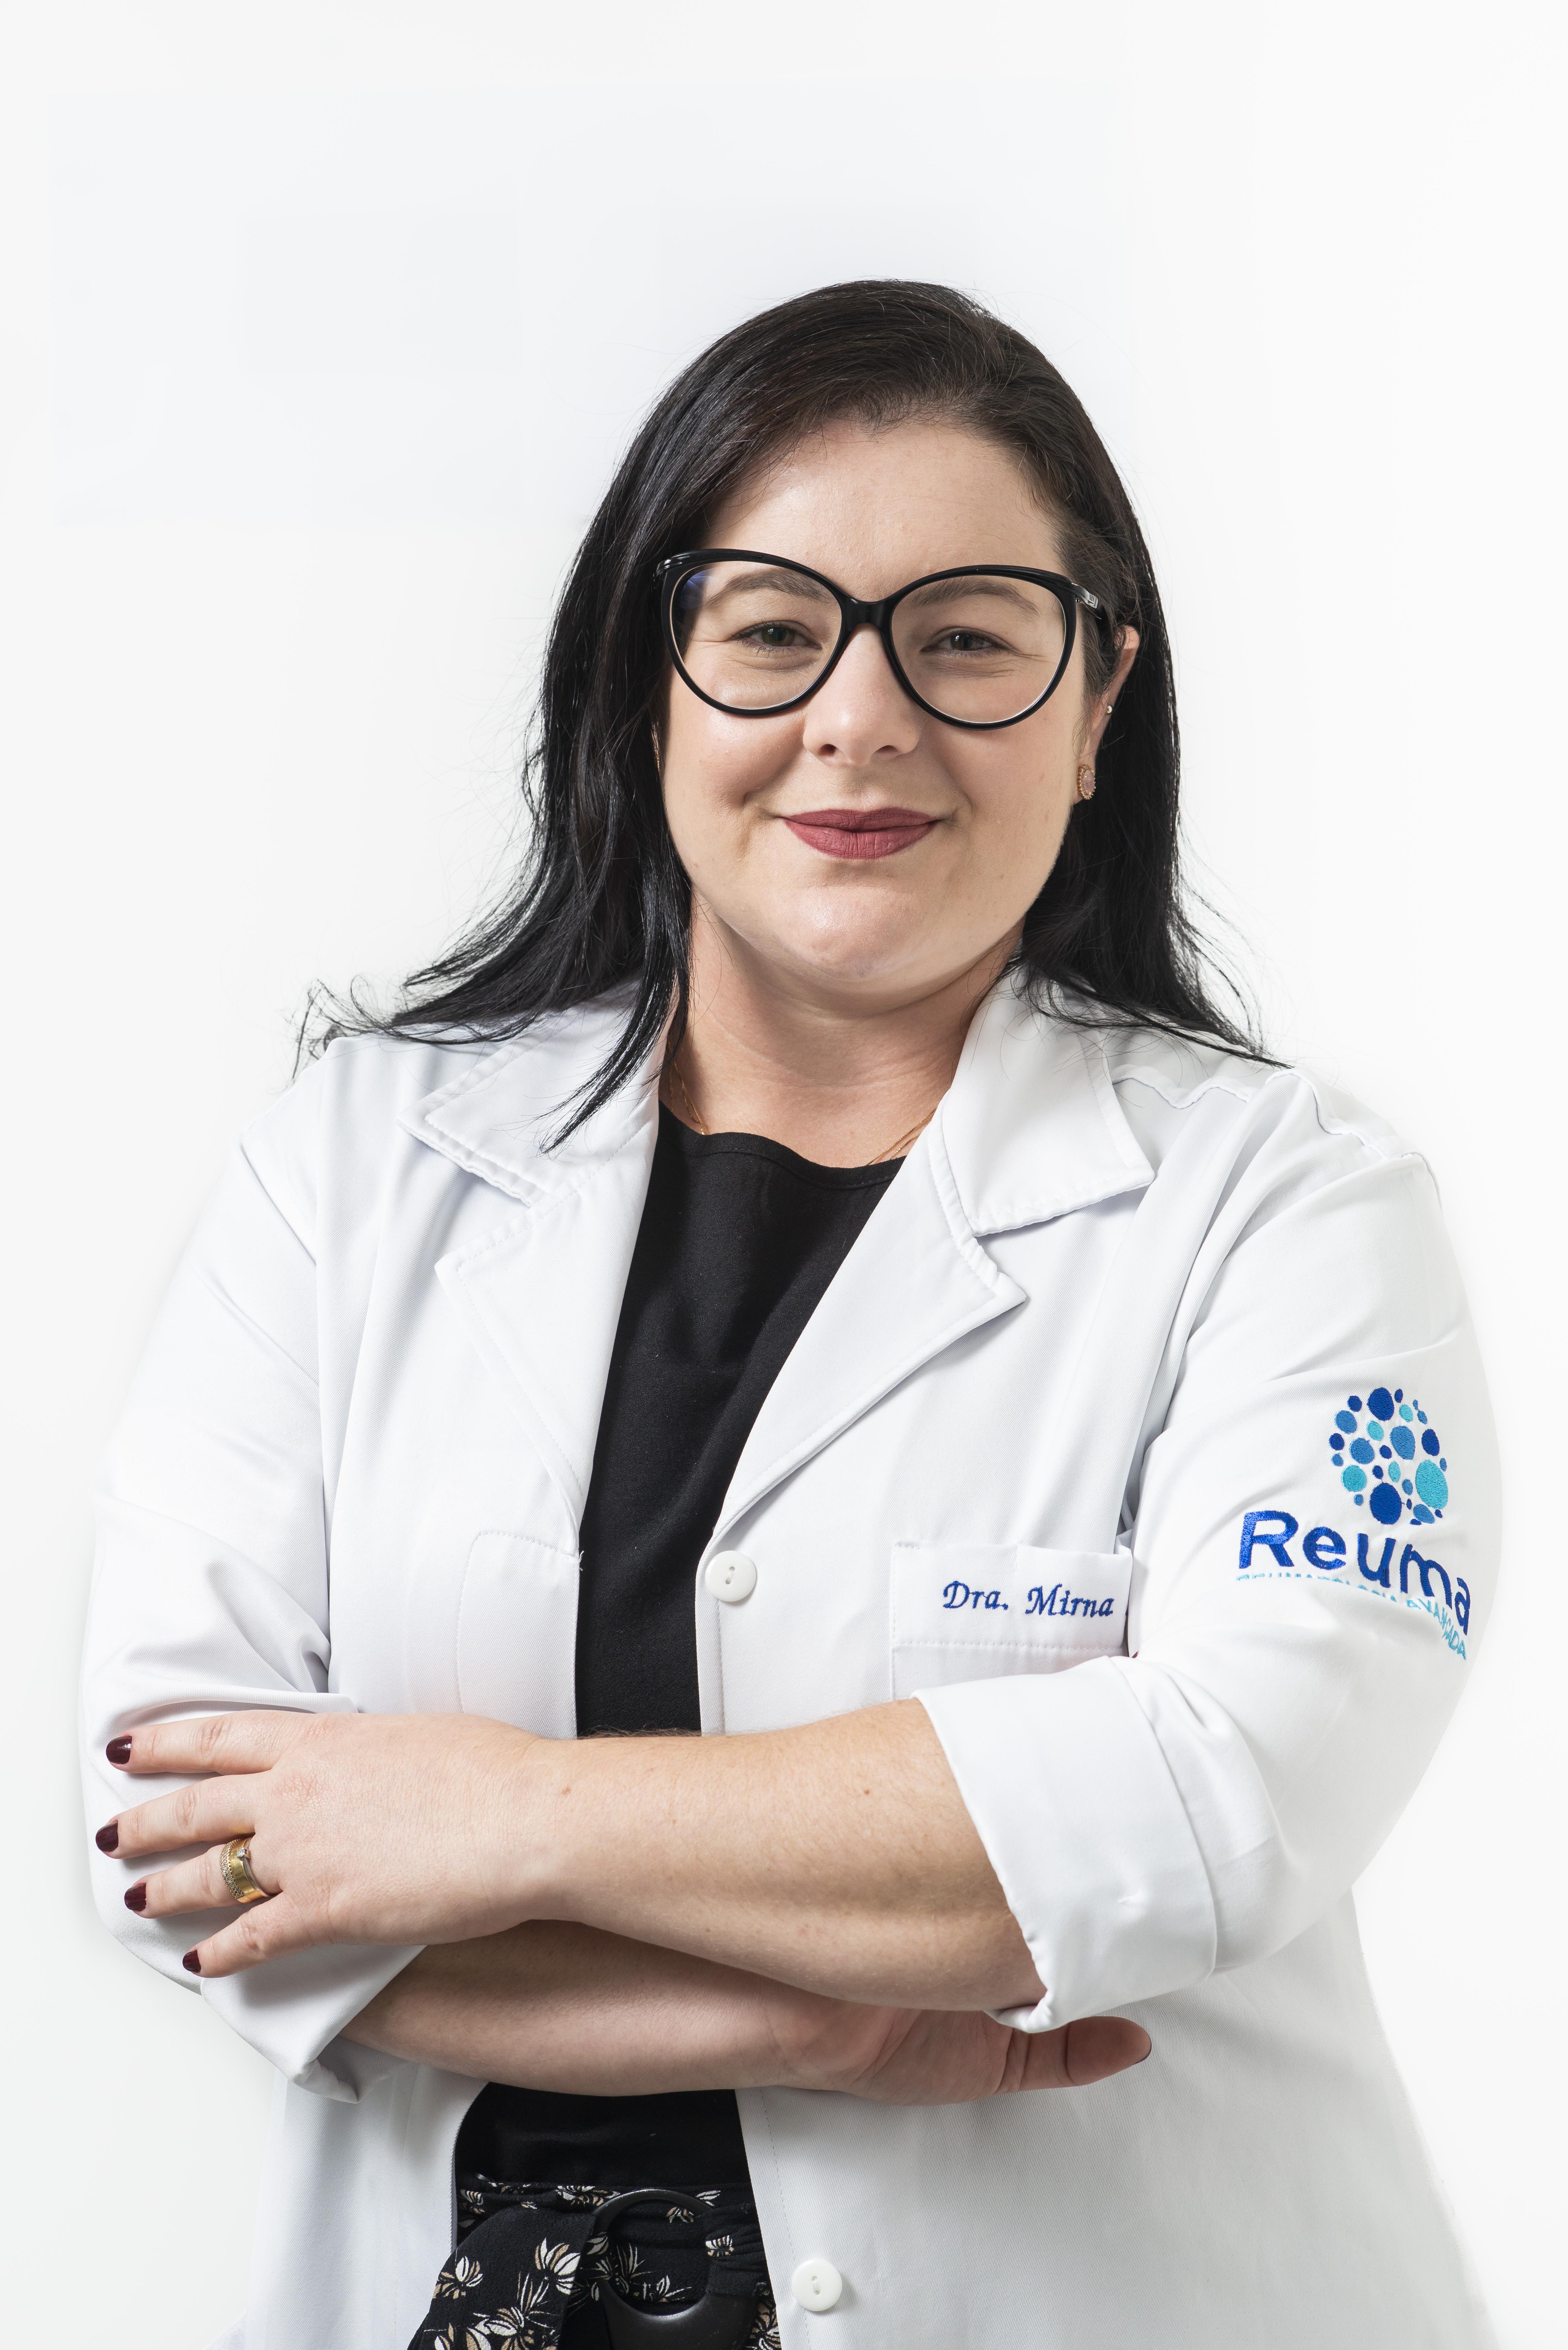 Dra. Mirna Henriques Tomich Salume